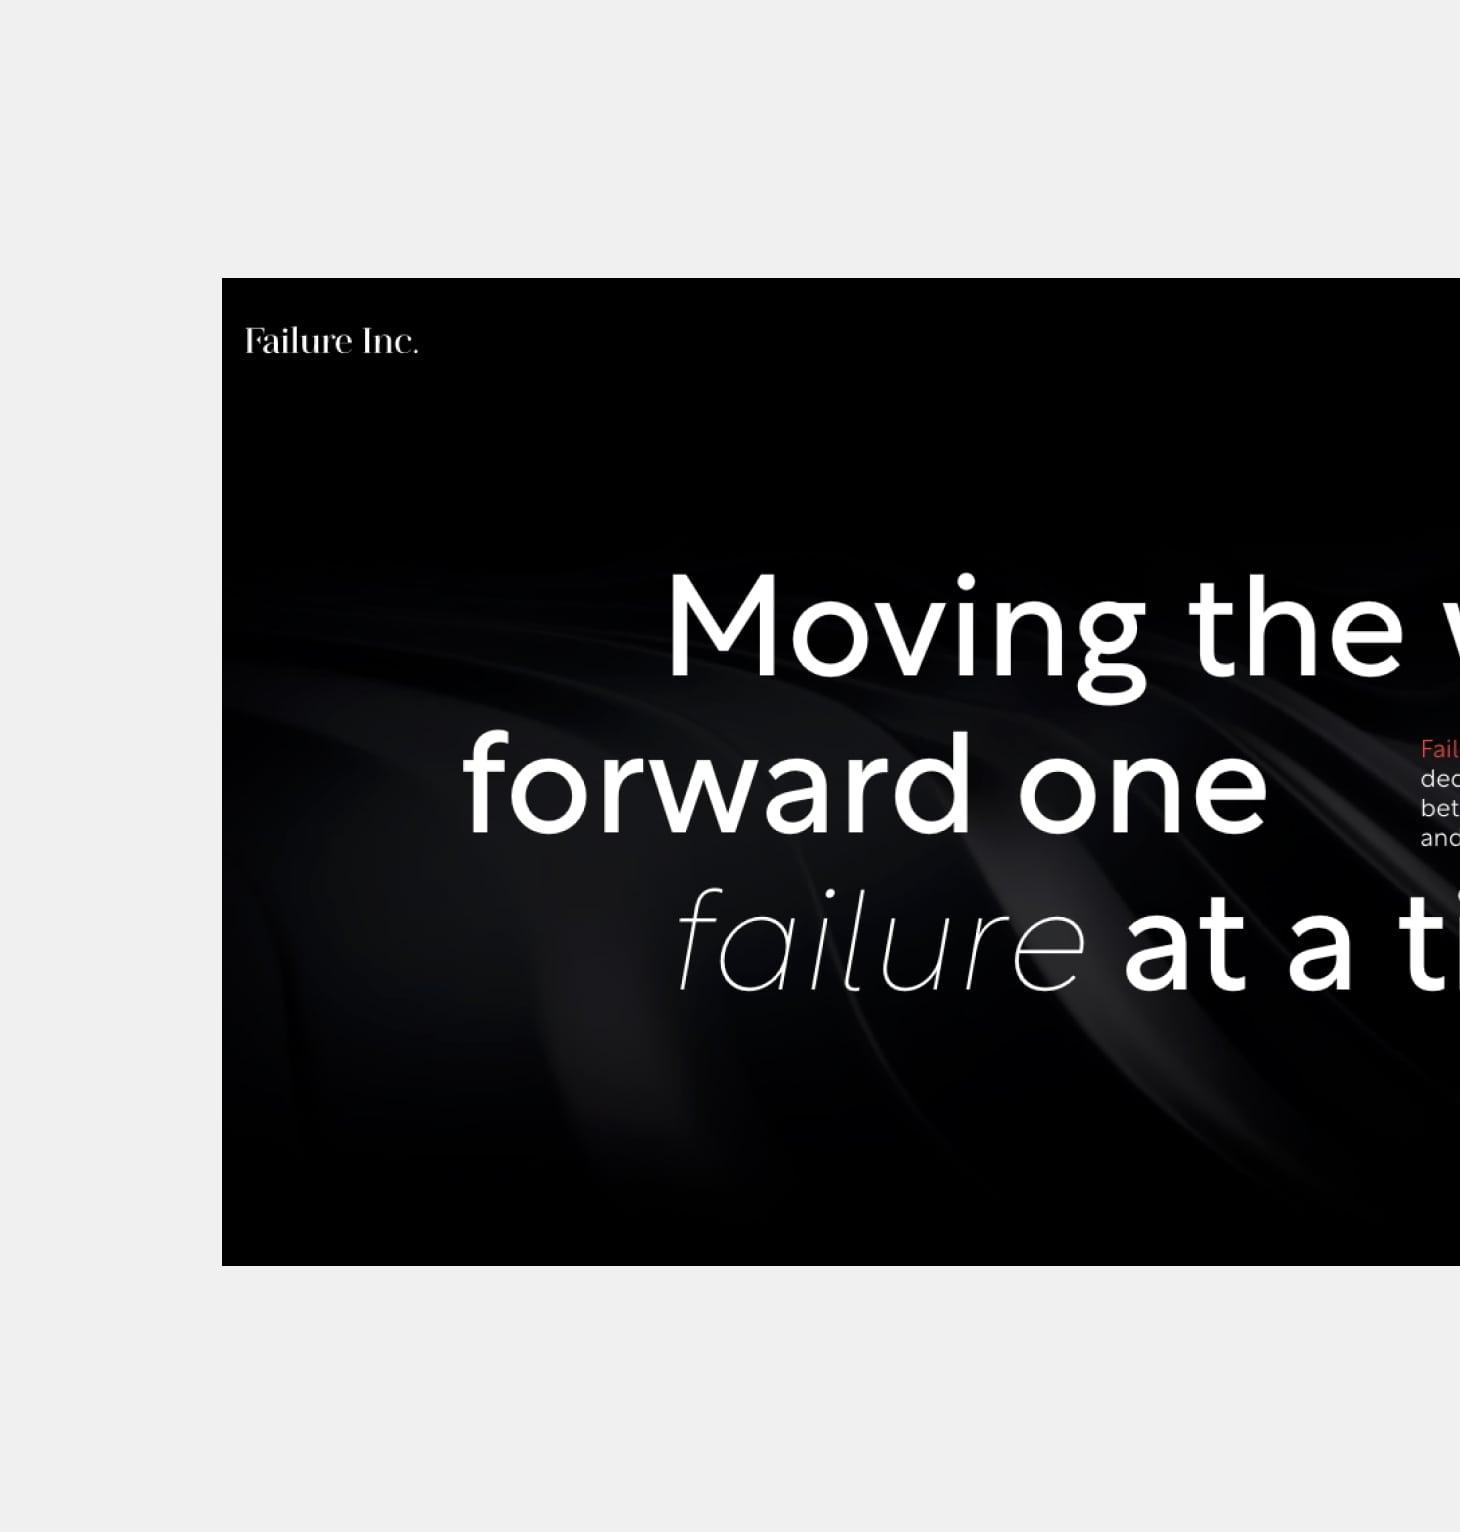 Failure Inc.